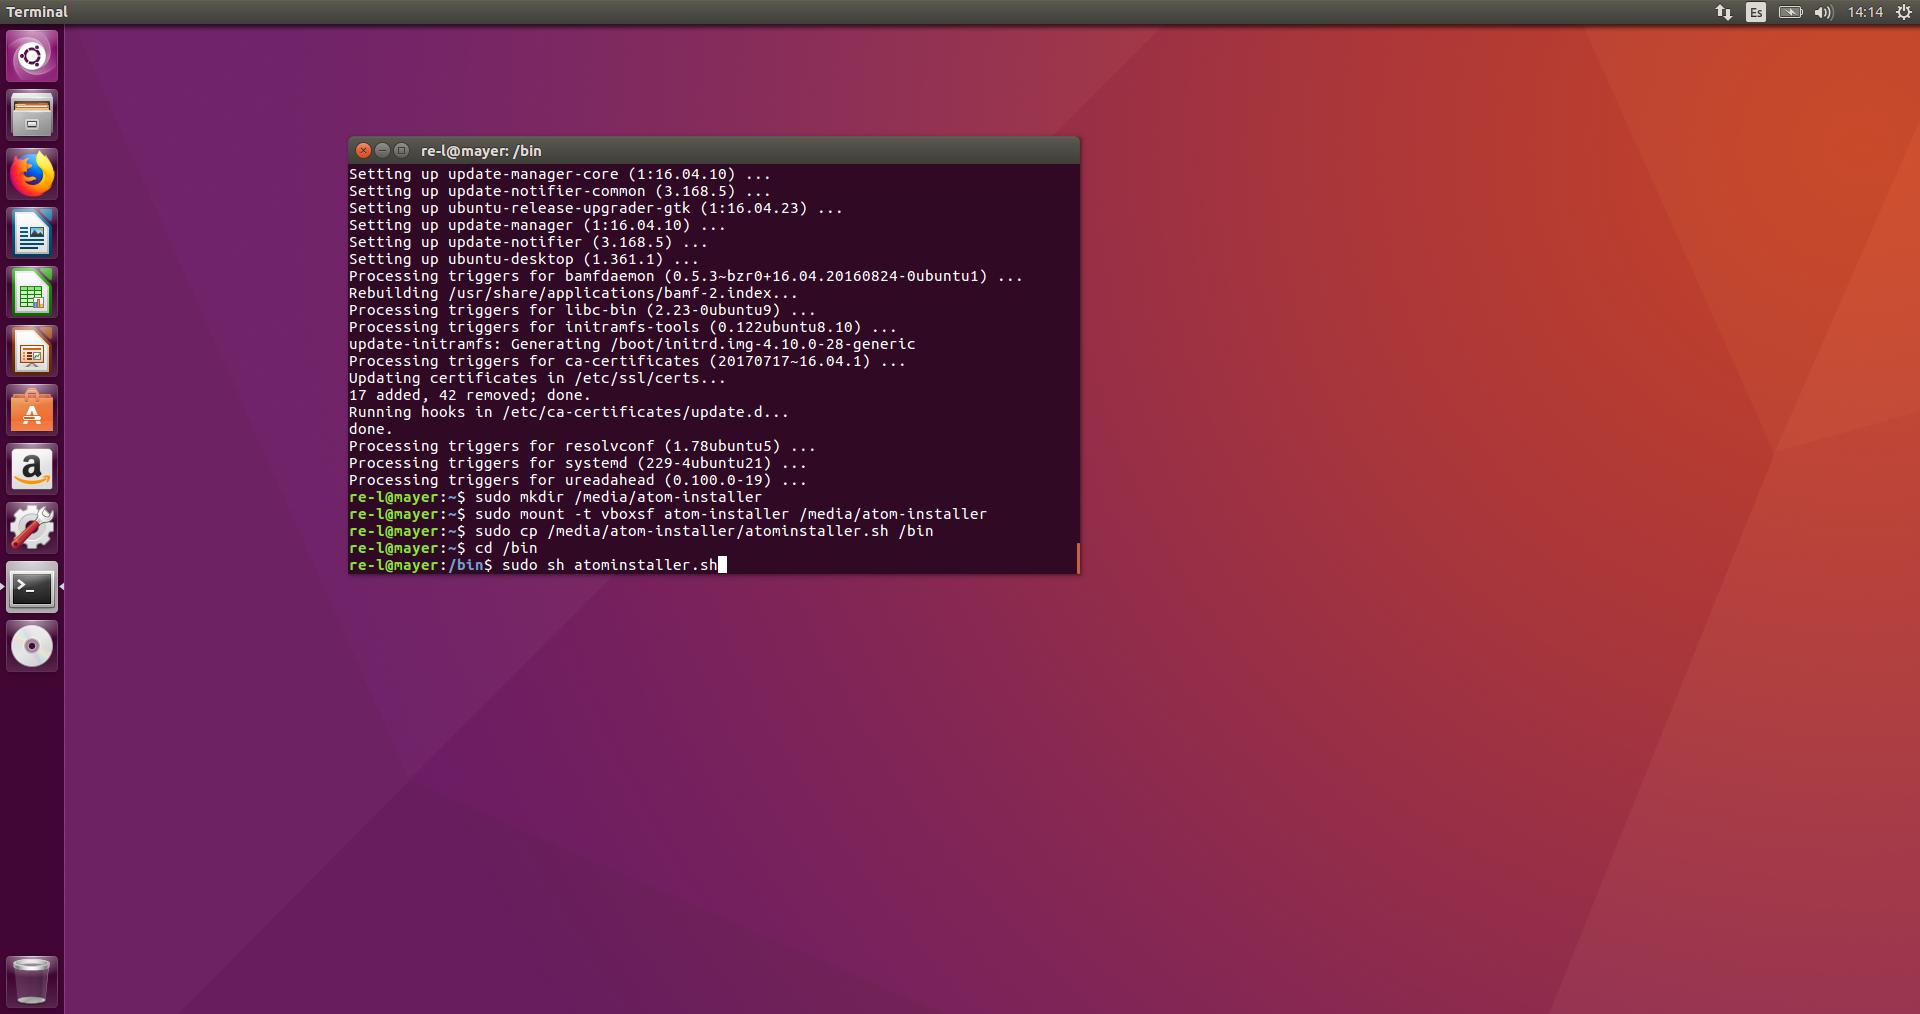 Instalación de AtoM 2.4 en Ubuntu 16.04 LTS